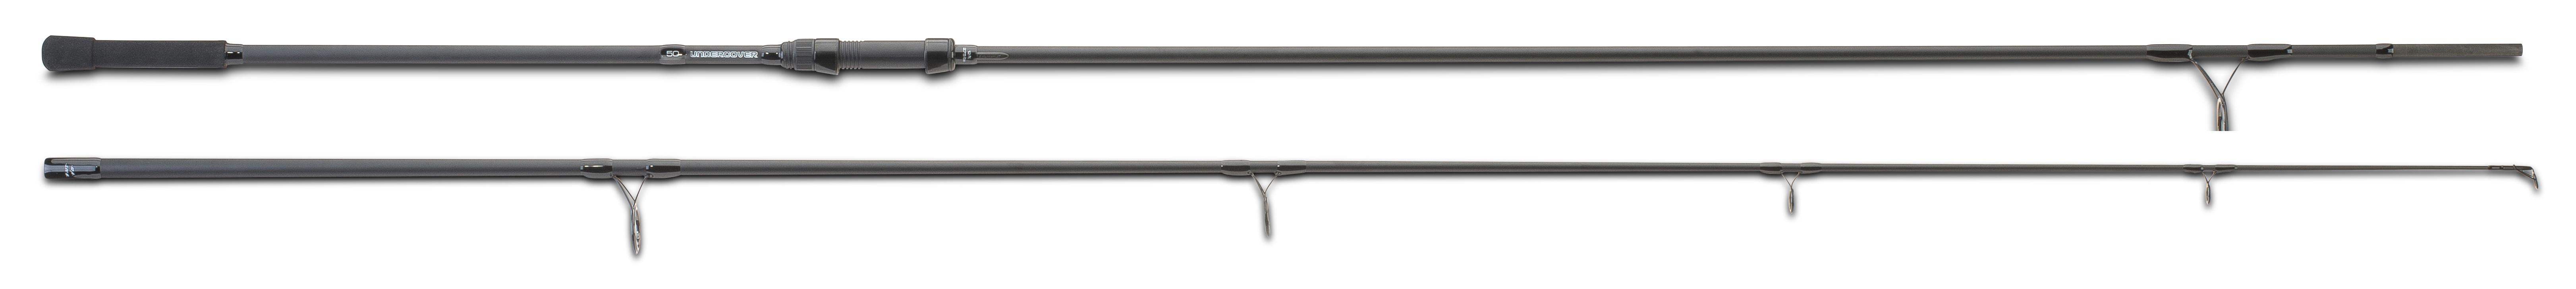 Kaprový prut Anaconda Undecover 50,  2-dílný Model 3,60m / 3,00lb